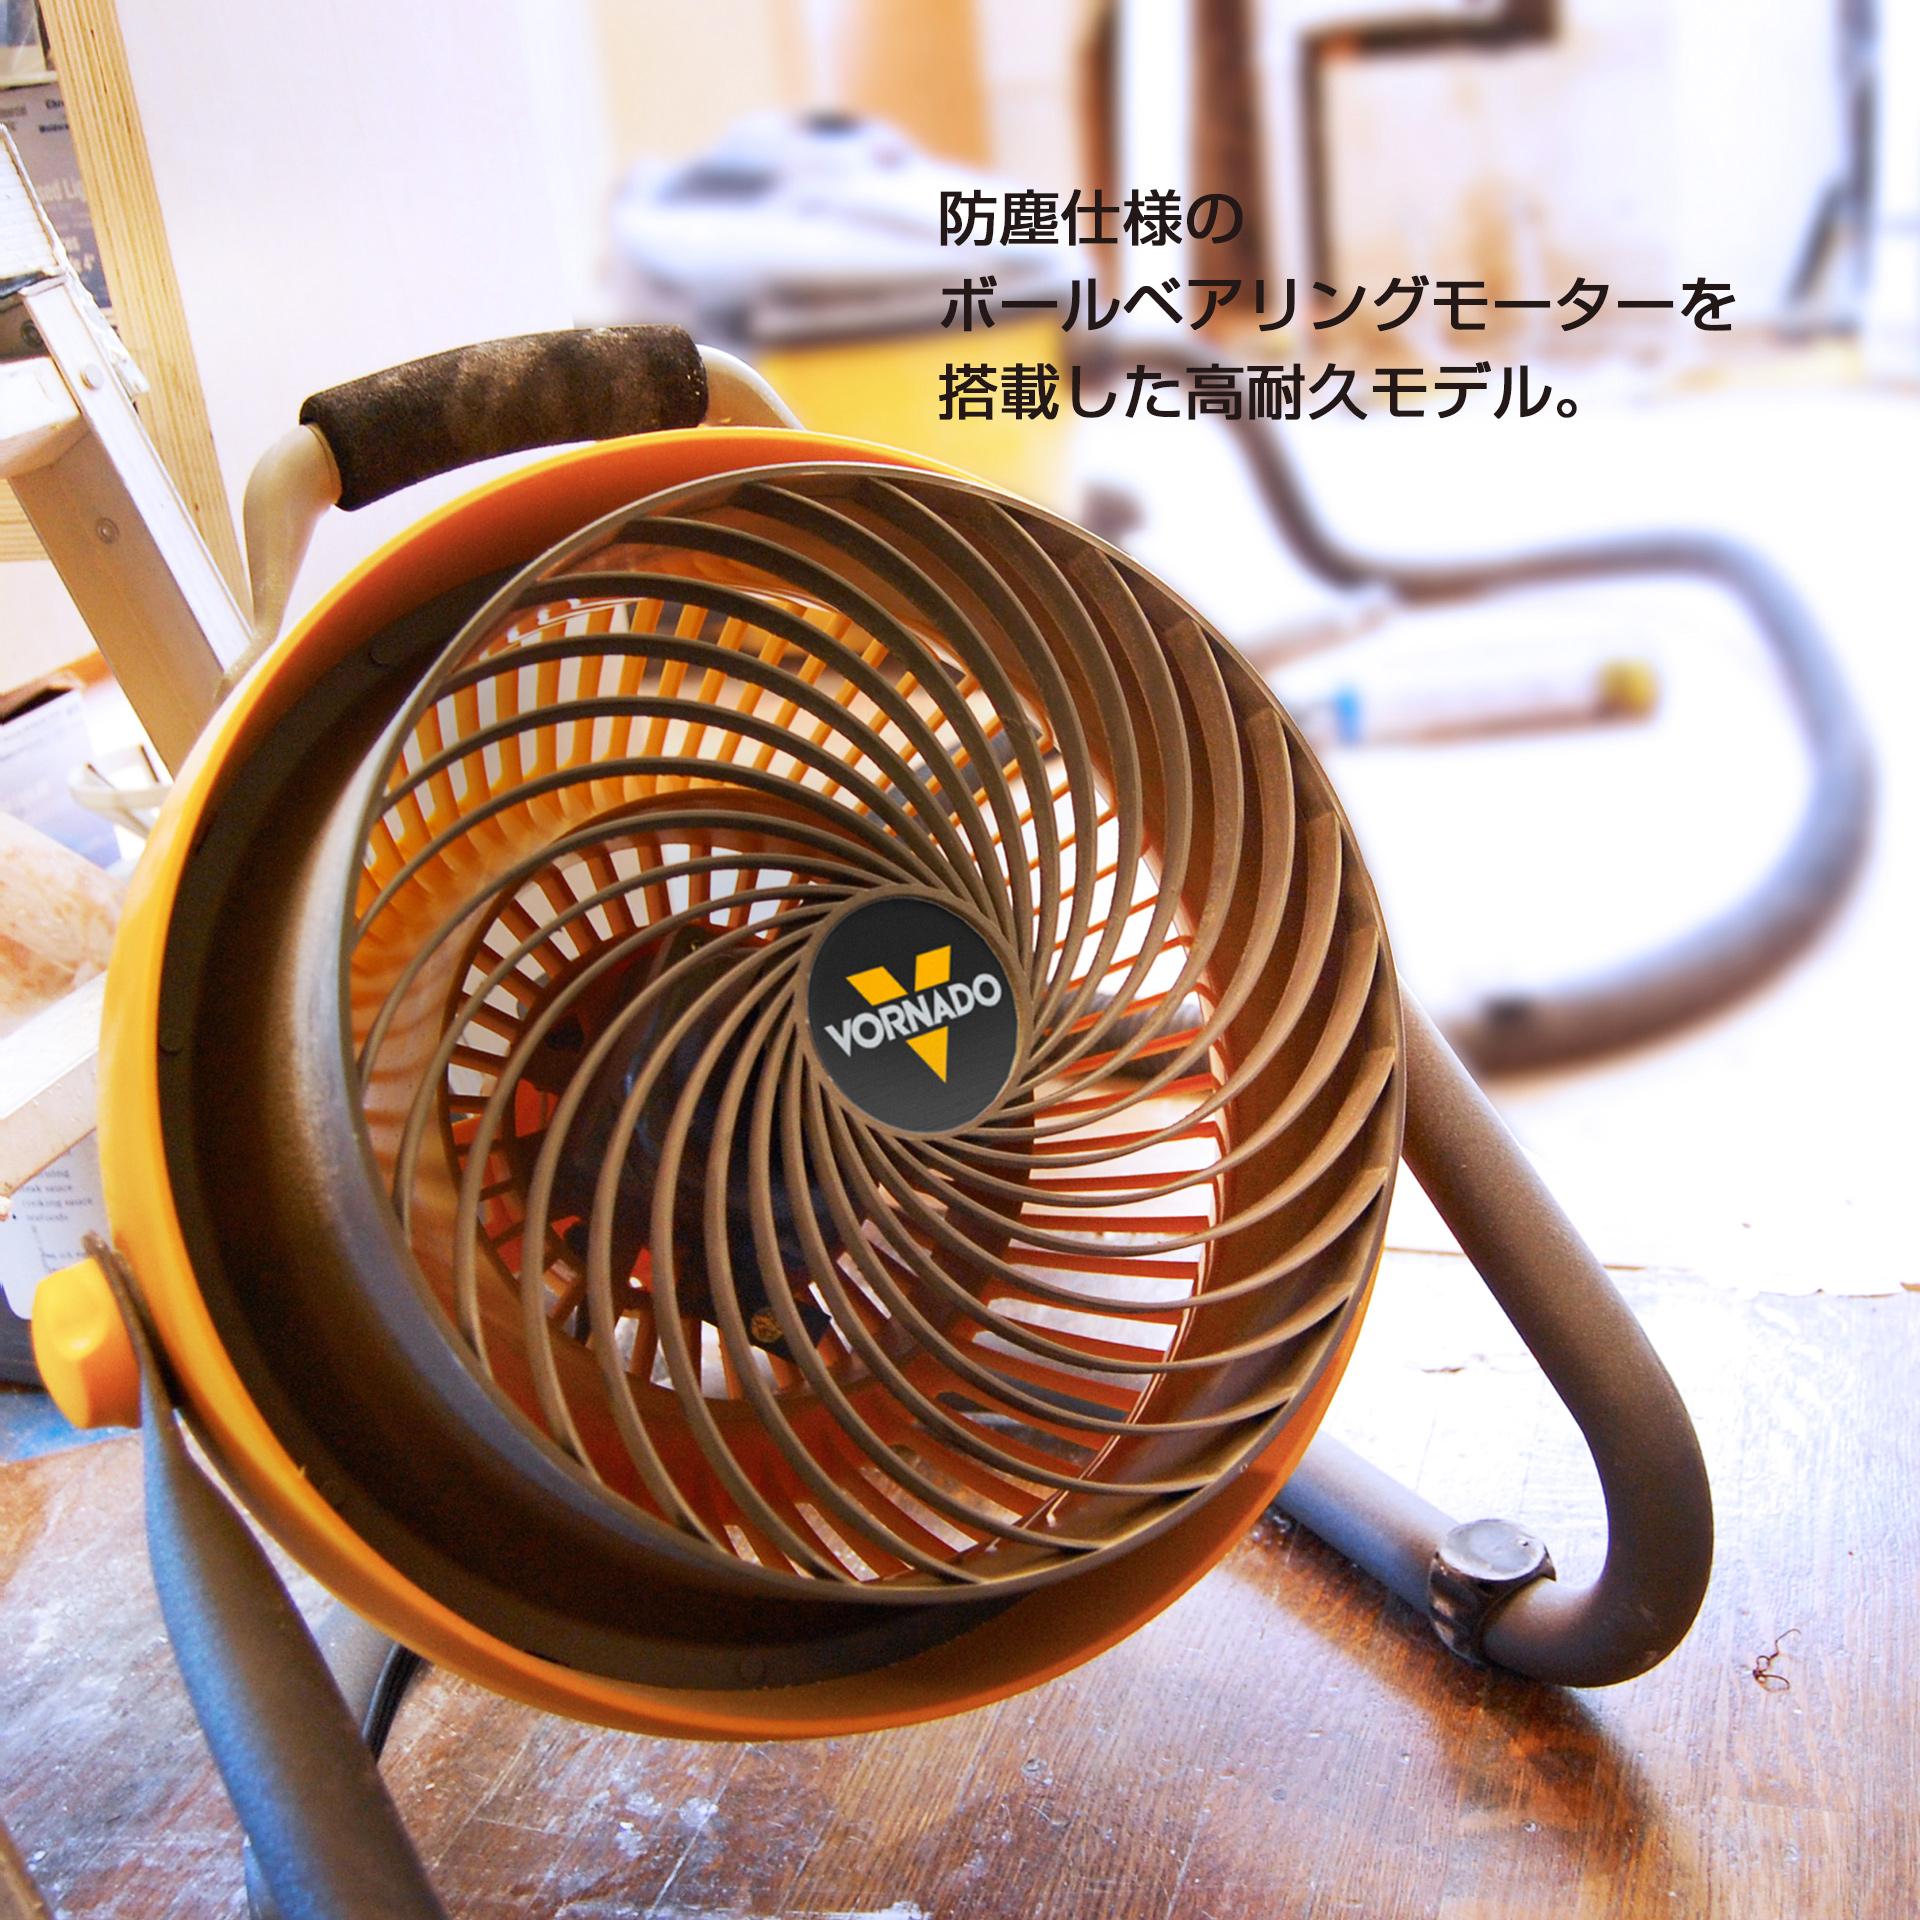 防塵仕様のボールベアリングモーターを搭載した高耐久モデル。